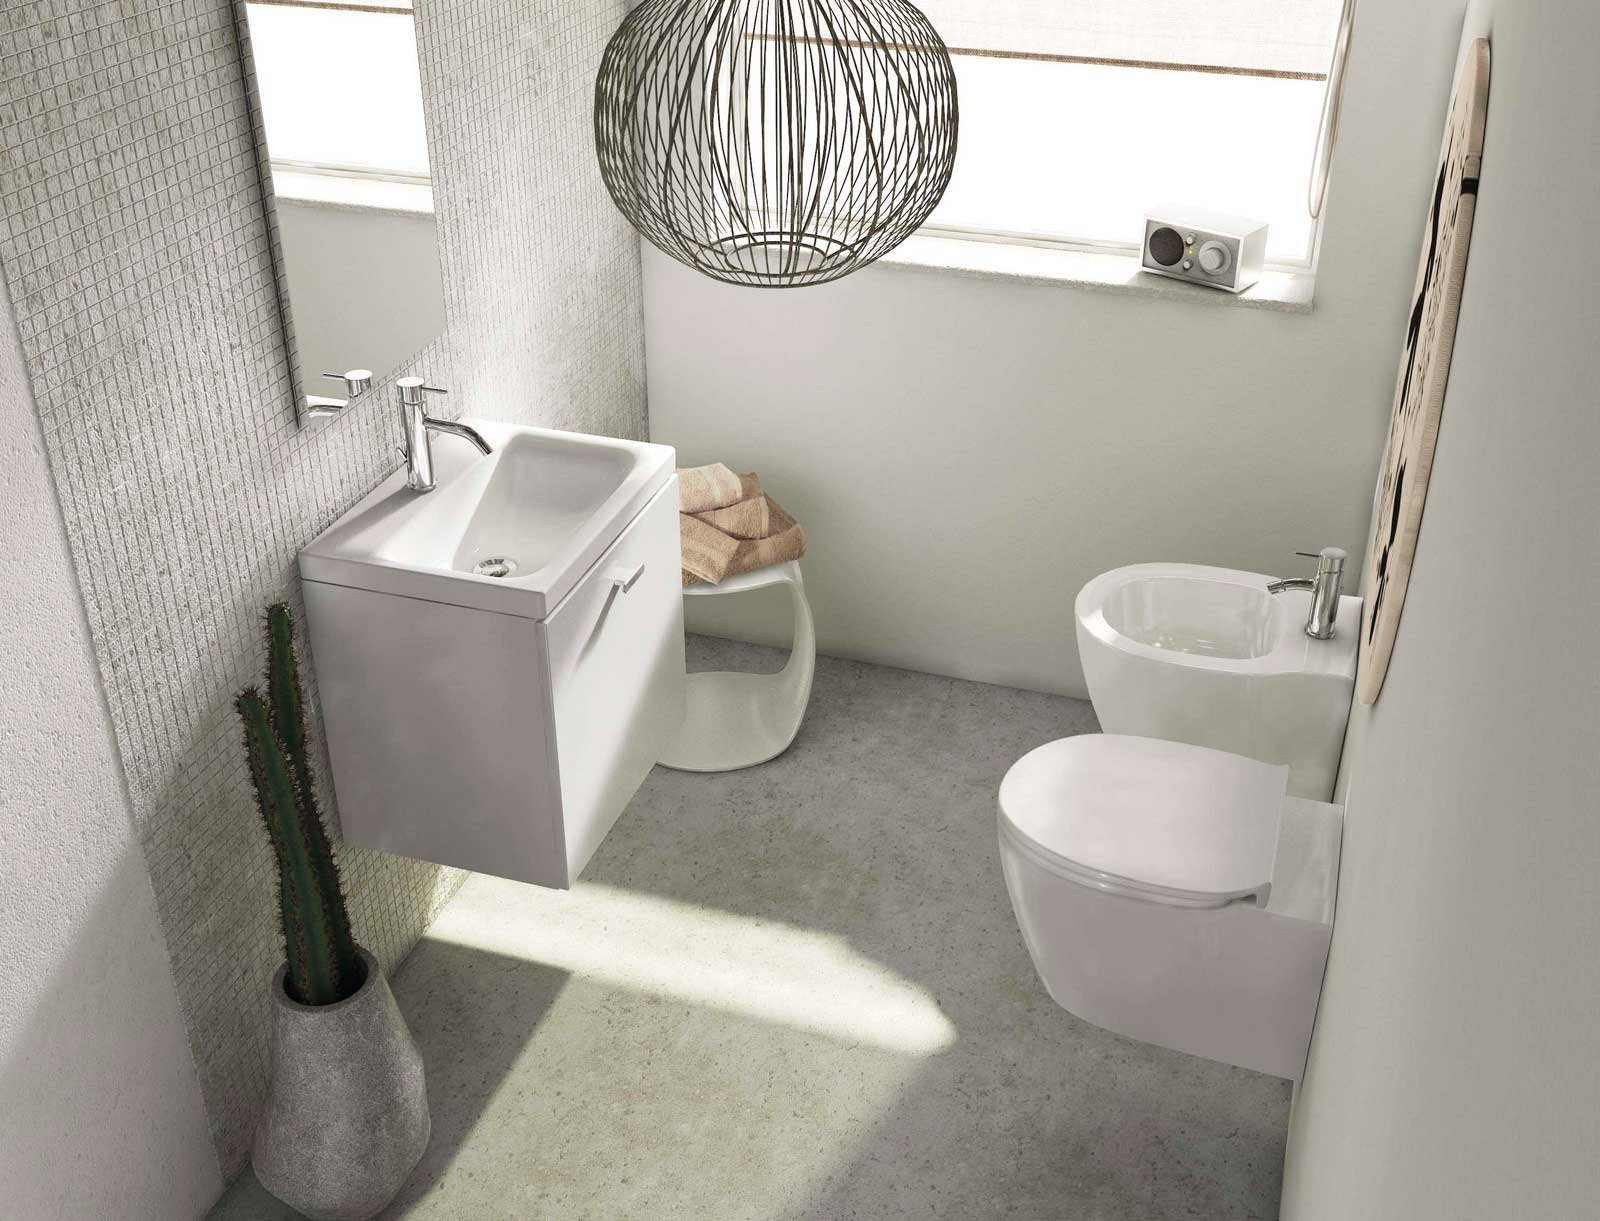 Mobili lavabo piccoli per risparmiare centimetri preziosi for Piccoli piani di casa in florida